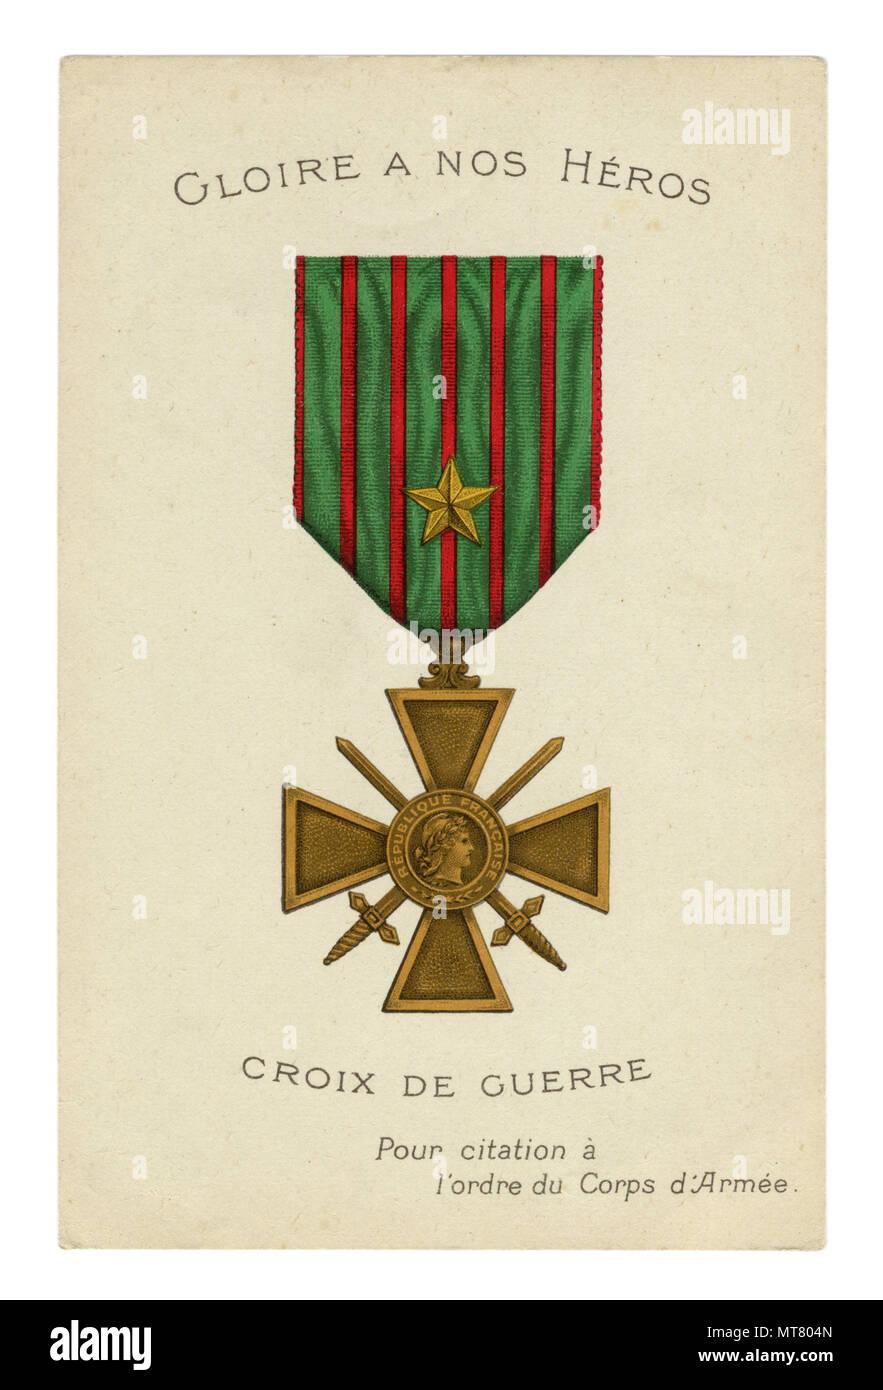 1914 1918 war medal stock photos  u0026 1914 1918 war medal stock images